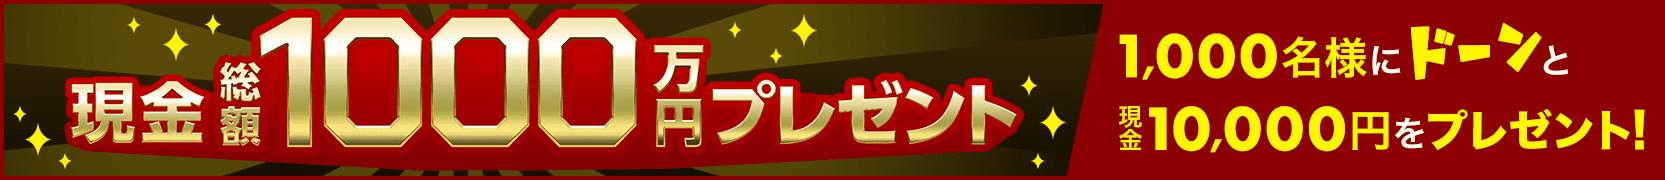 現金総額1000万円プレゼント